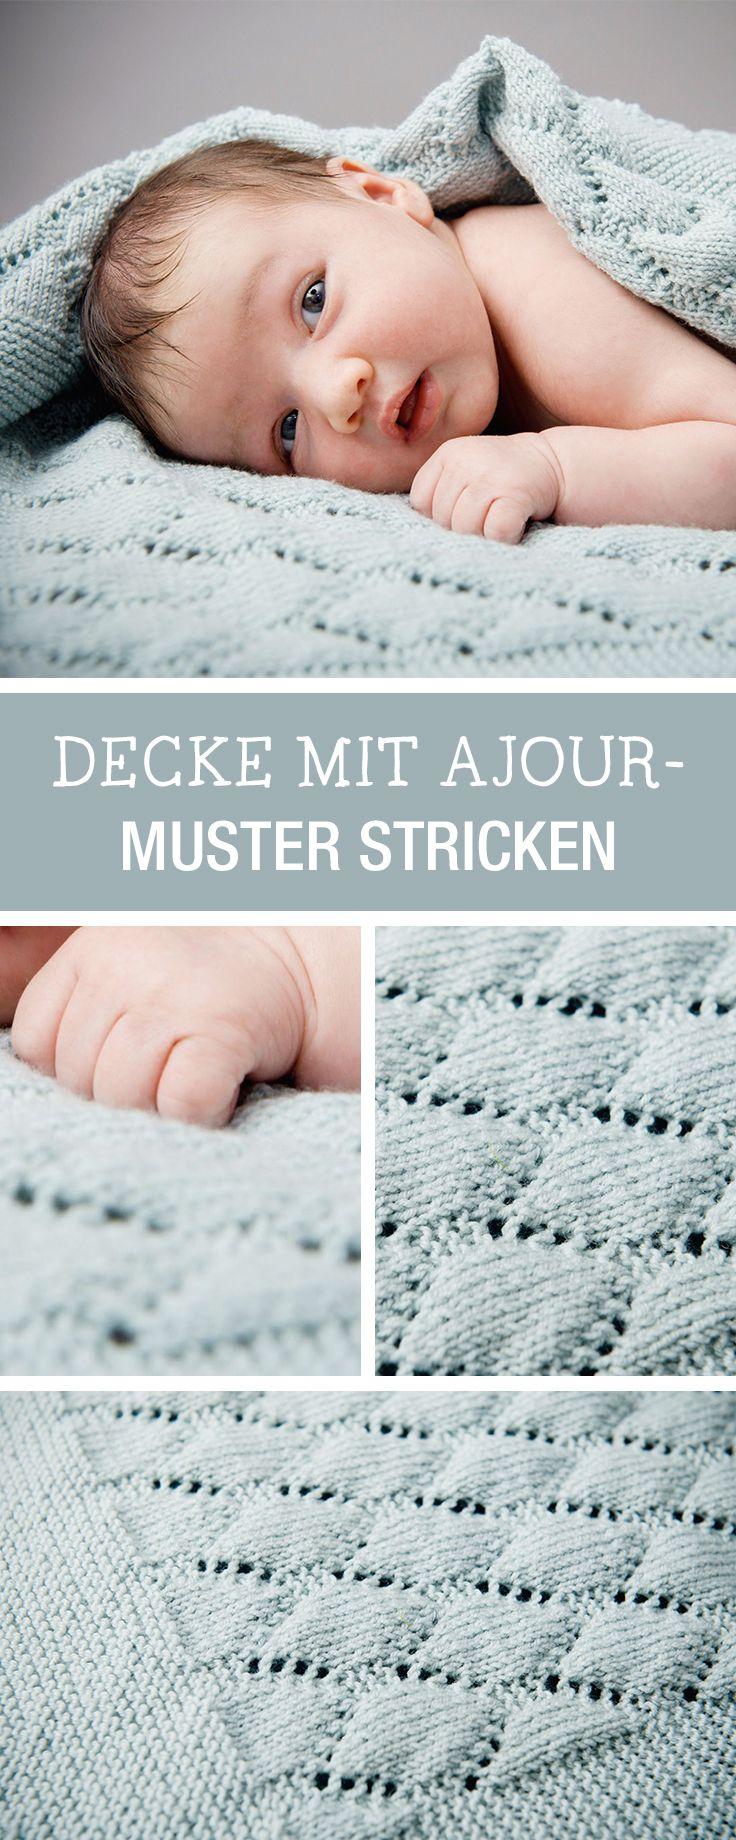 DIY-Anleitung: Decke mit Ajour-Muster für Babys stricken, Geschenk zur Taufe / DIY tutorial: knitting baby blanket as christening present via DaWanda.com